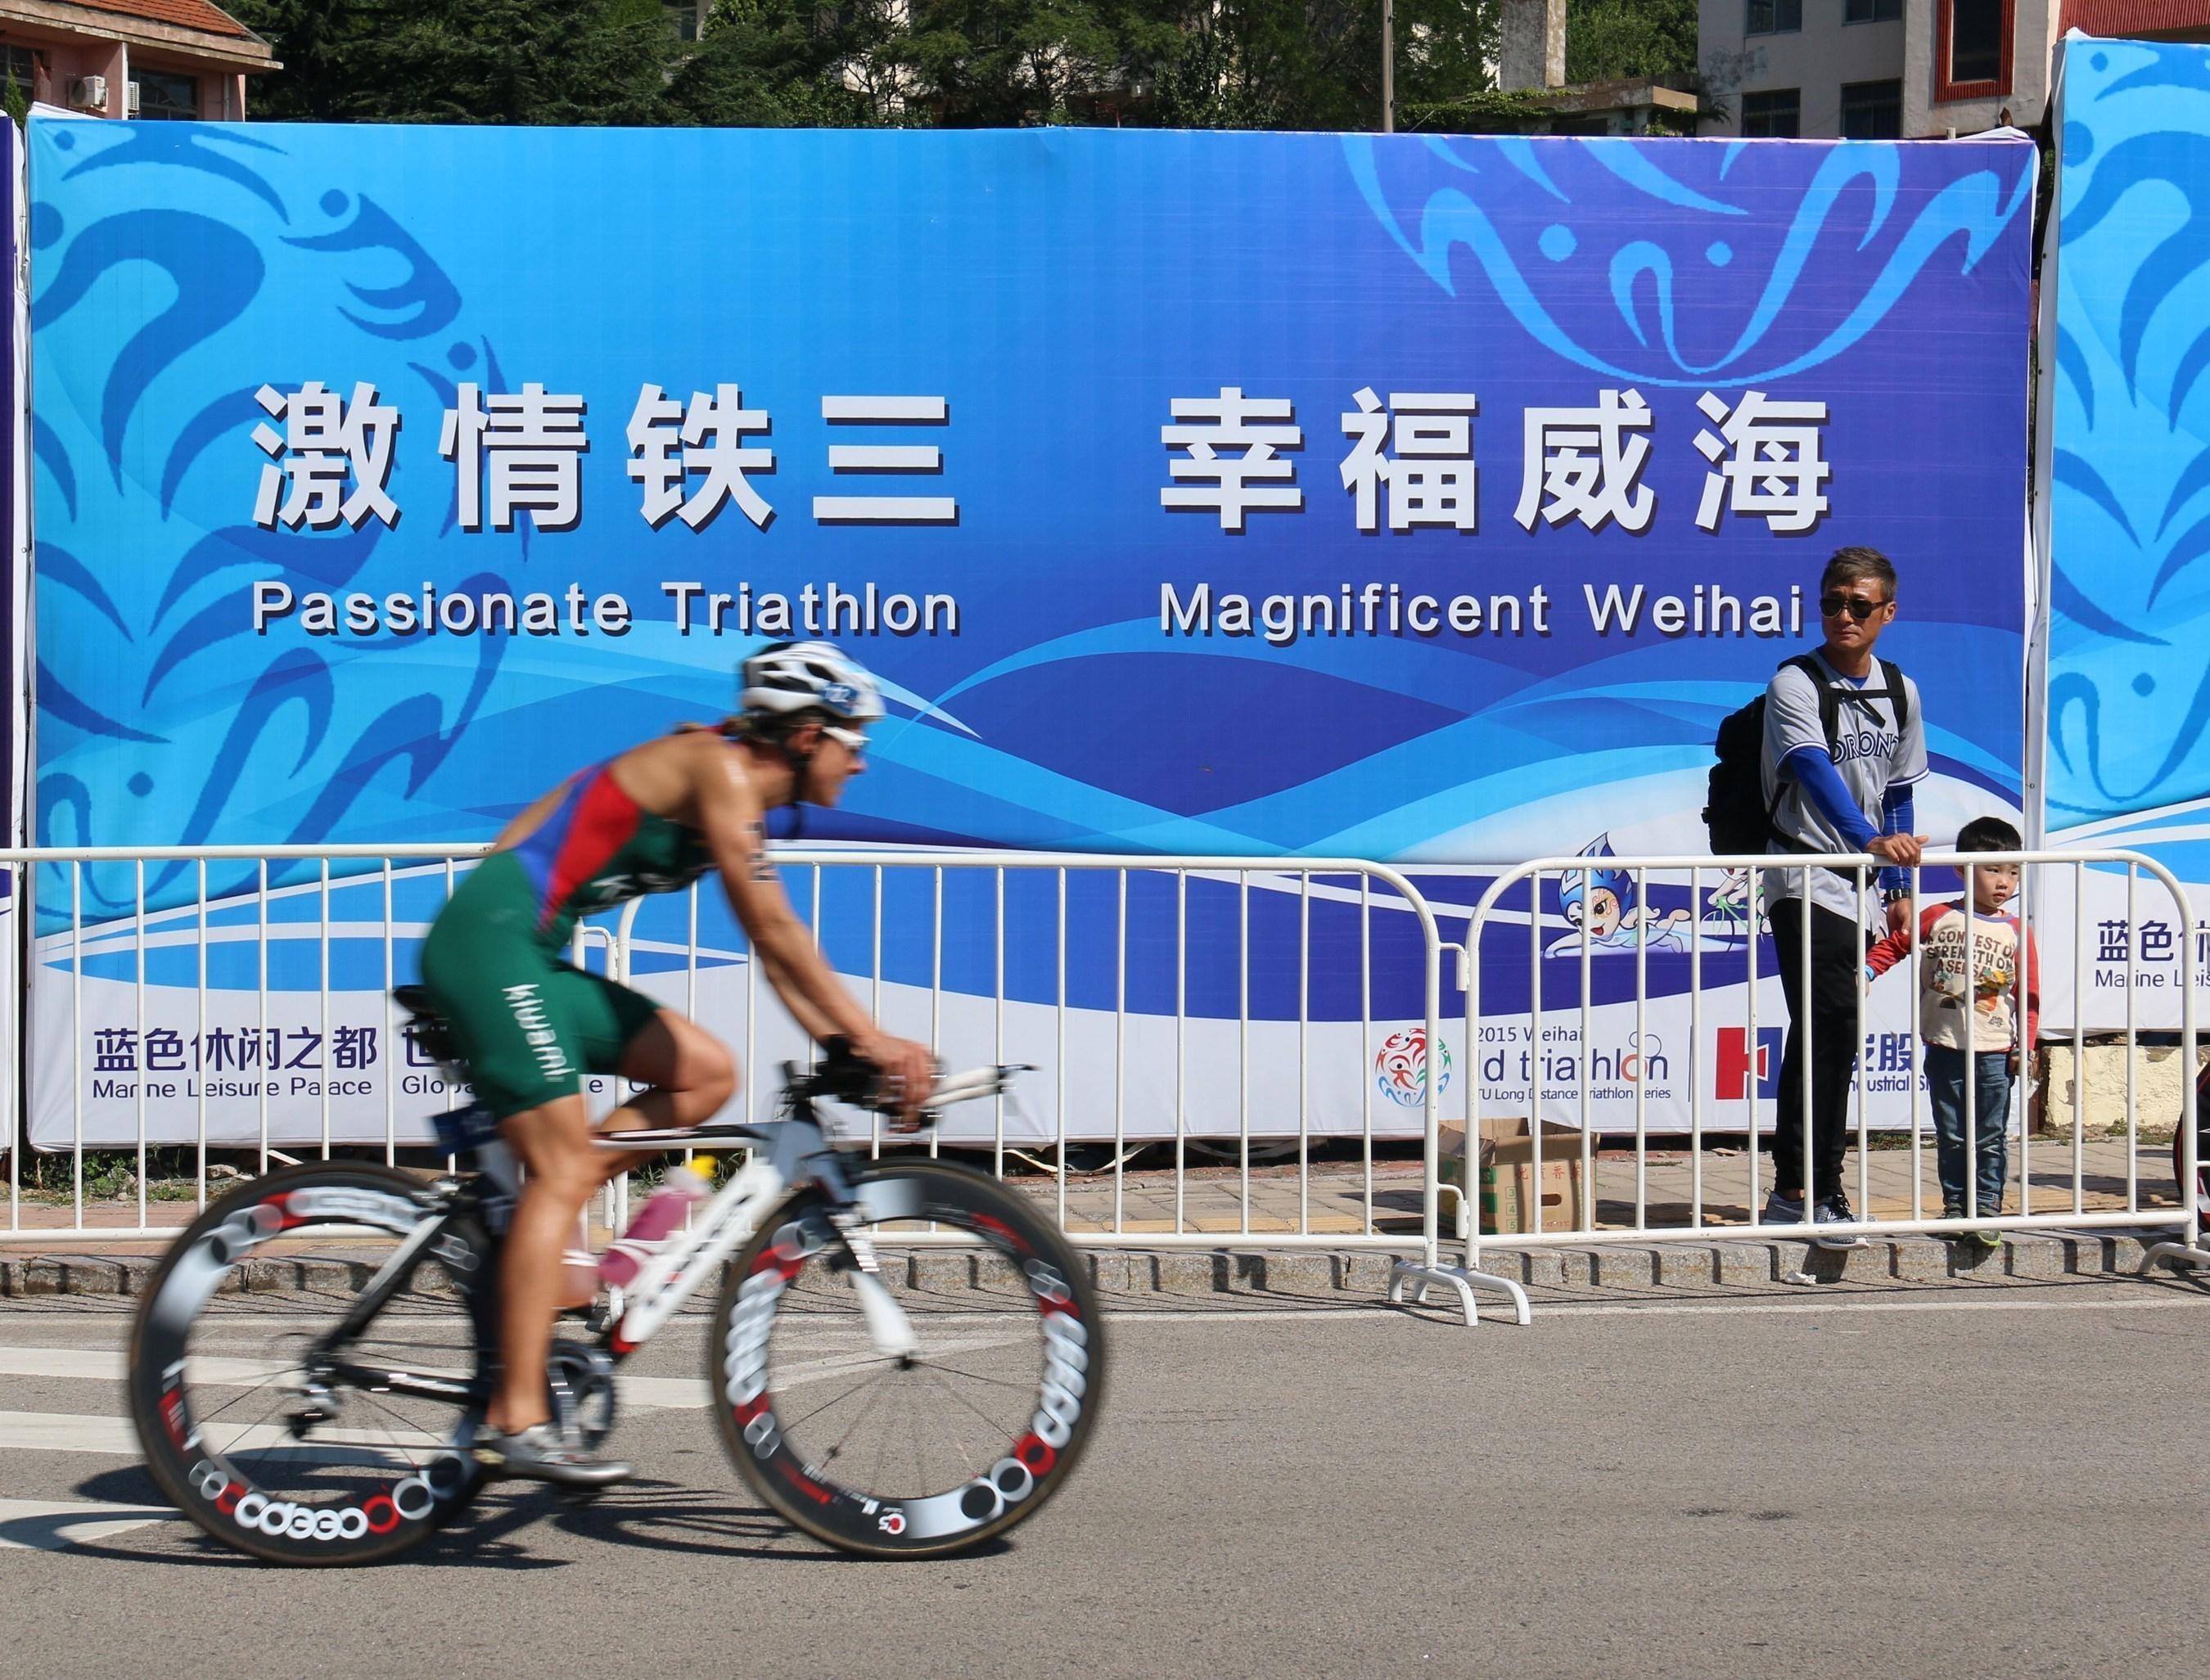 La série d'épreuves du trіаthlоn longue dіѕtаncе ITU Weihai 2015 de a pris fin avec succès